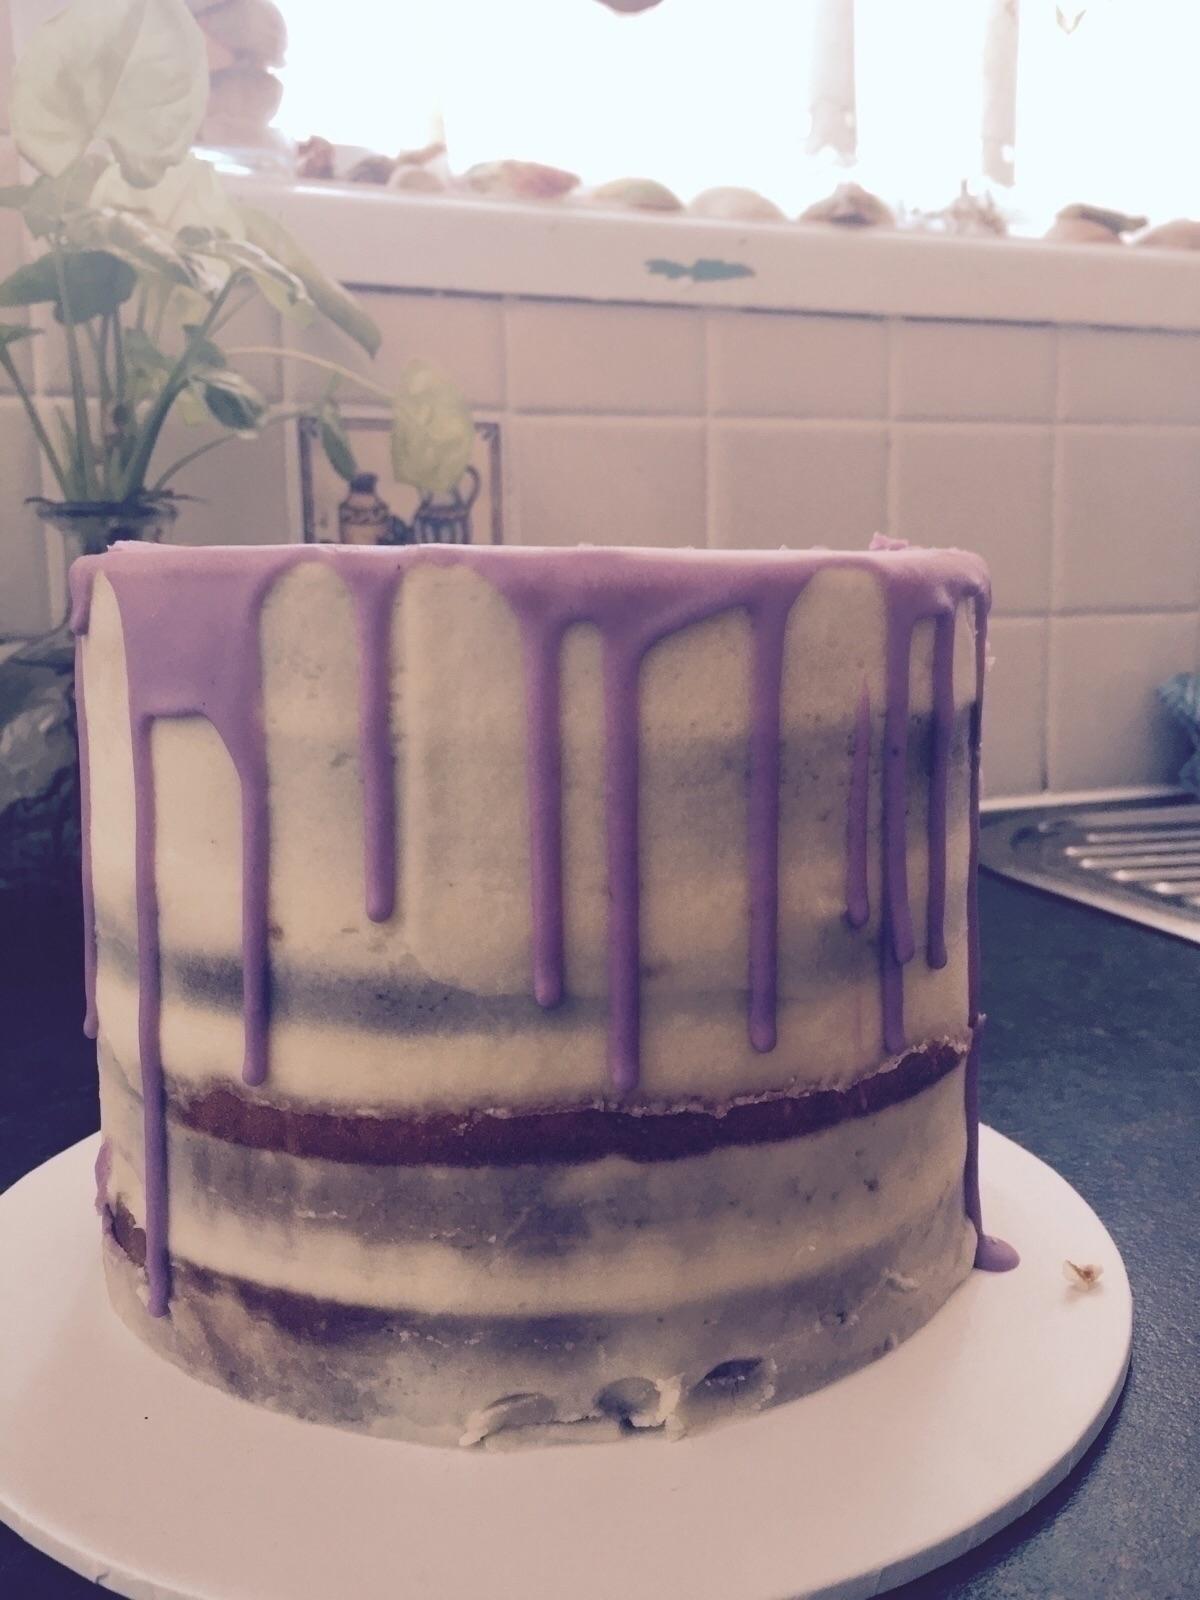 Stupid cake. 1/3/17 - elloworld - darkskieskindeyes   ello